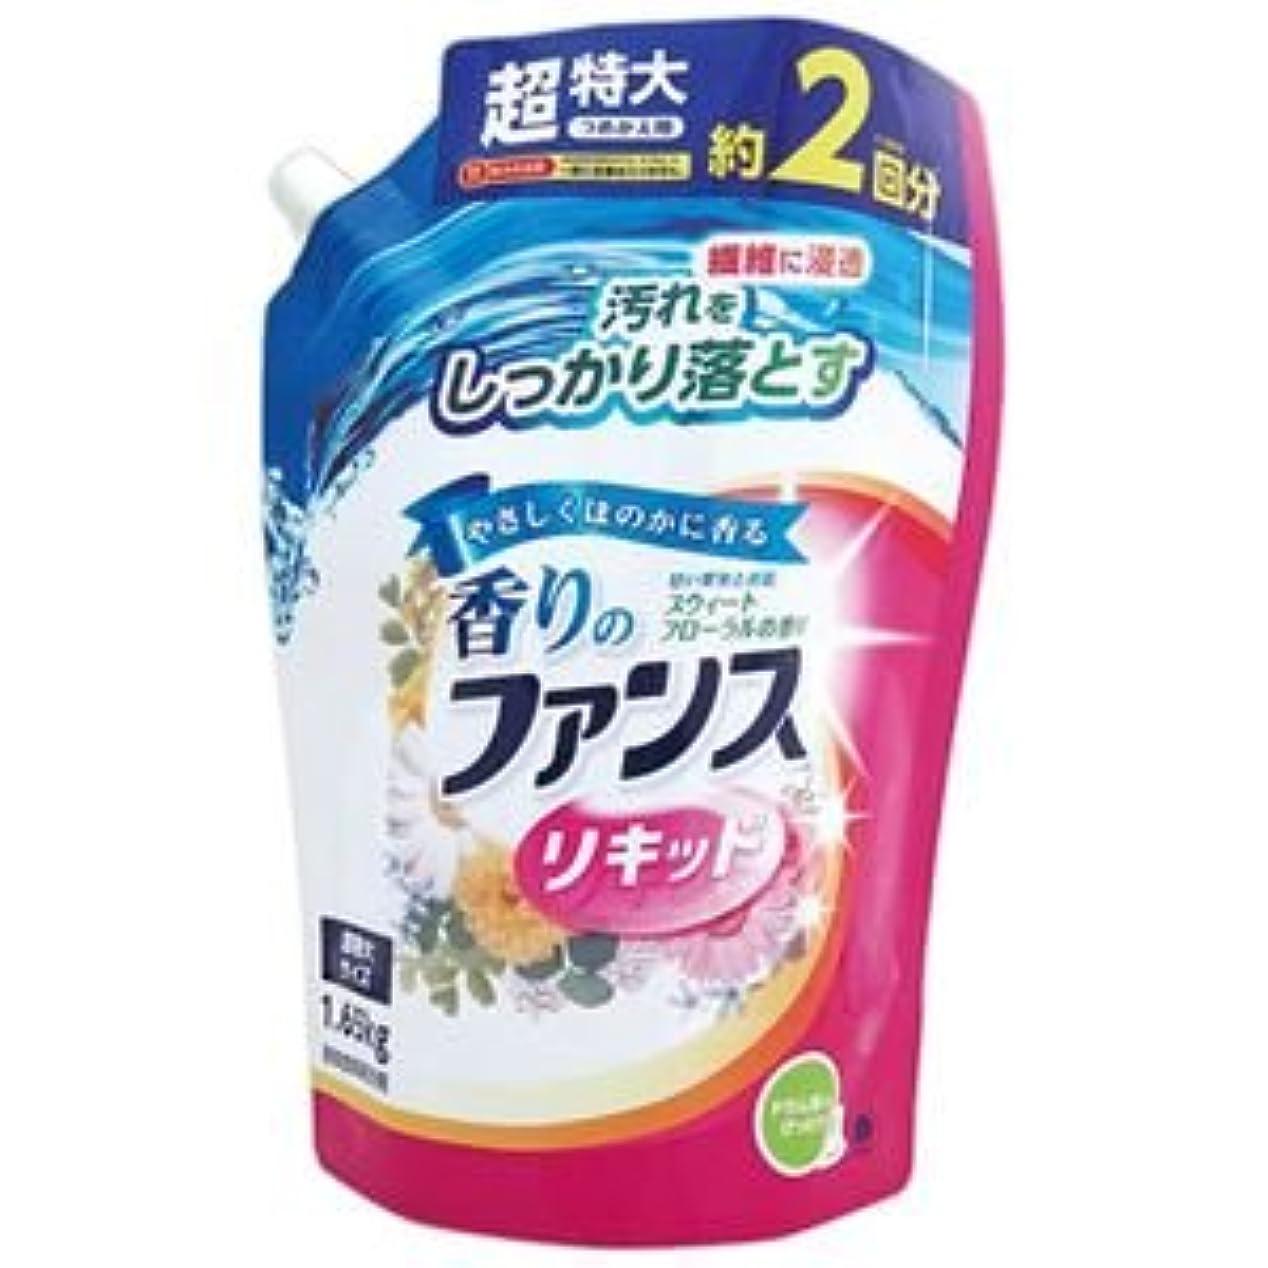 深遠腰遺伝子(まとめ) 第一石鹸 香りのファンス 液体衣料用洗剤リキッド 詰替用 1.65kg 1セット(6個) 【×2セット】